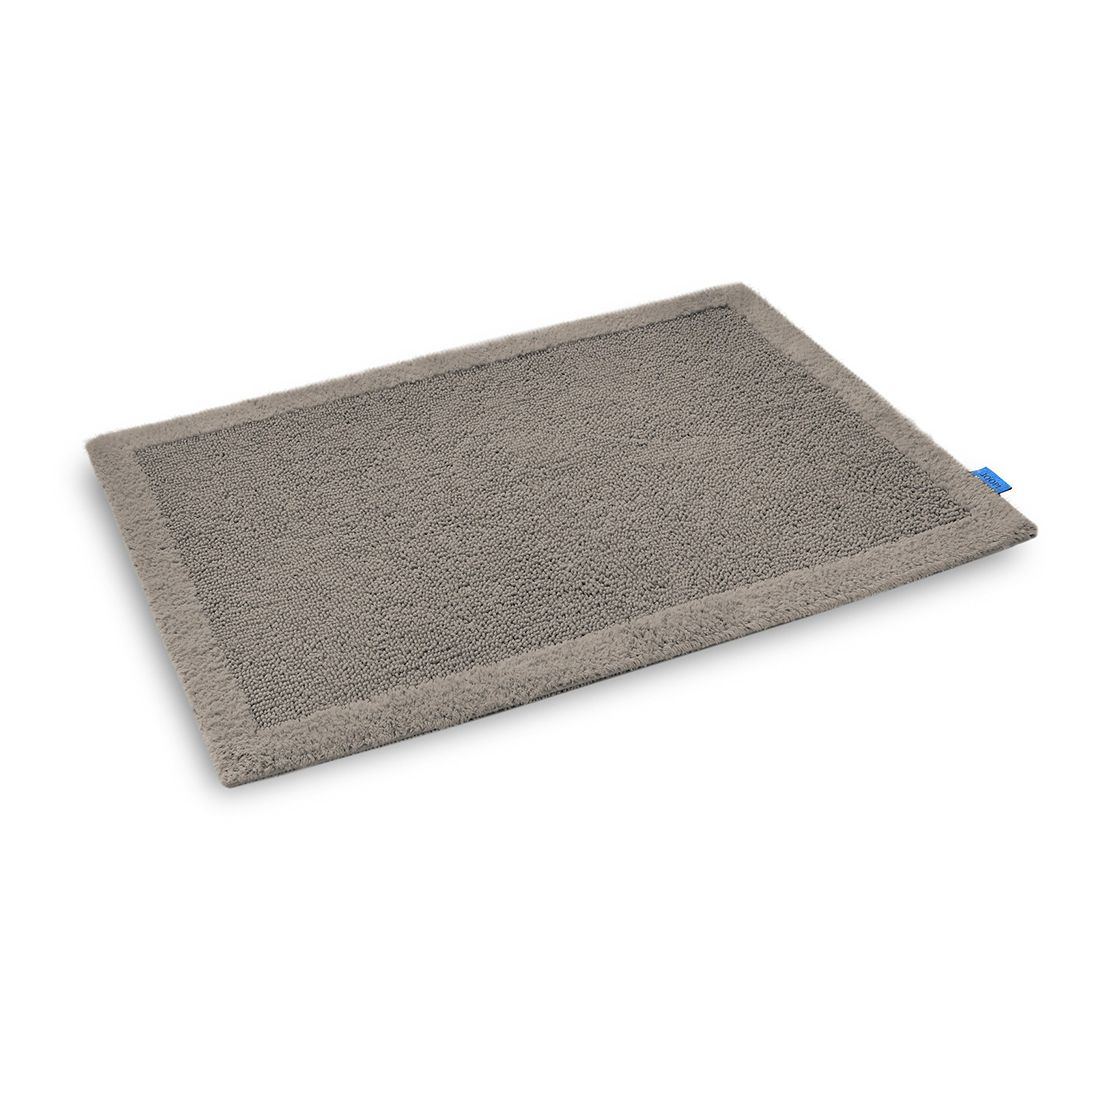 Badteppich Cotton Classic – 100% Baumwolle Basalt – 334 – 50 x 60 cm, Joop günstig bestellen